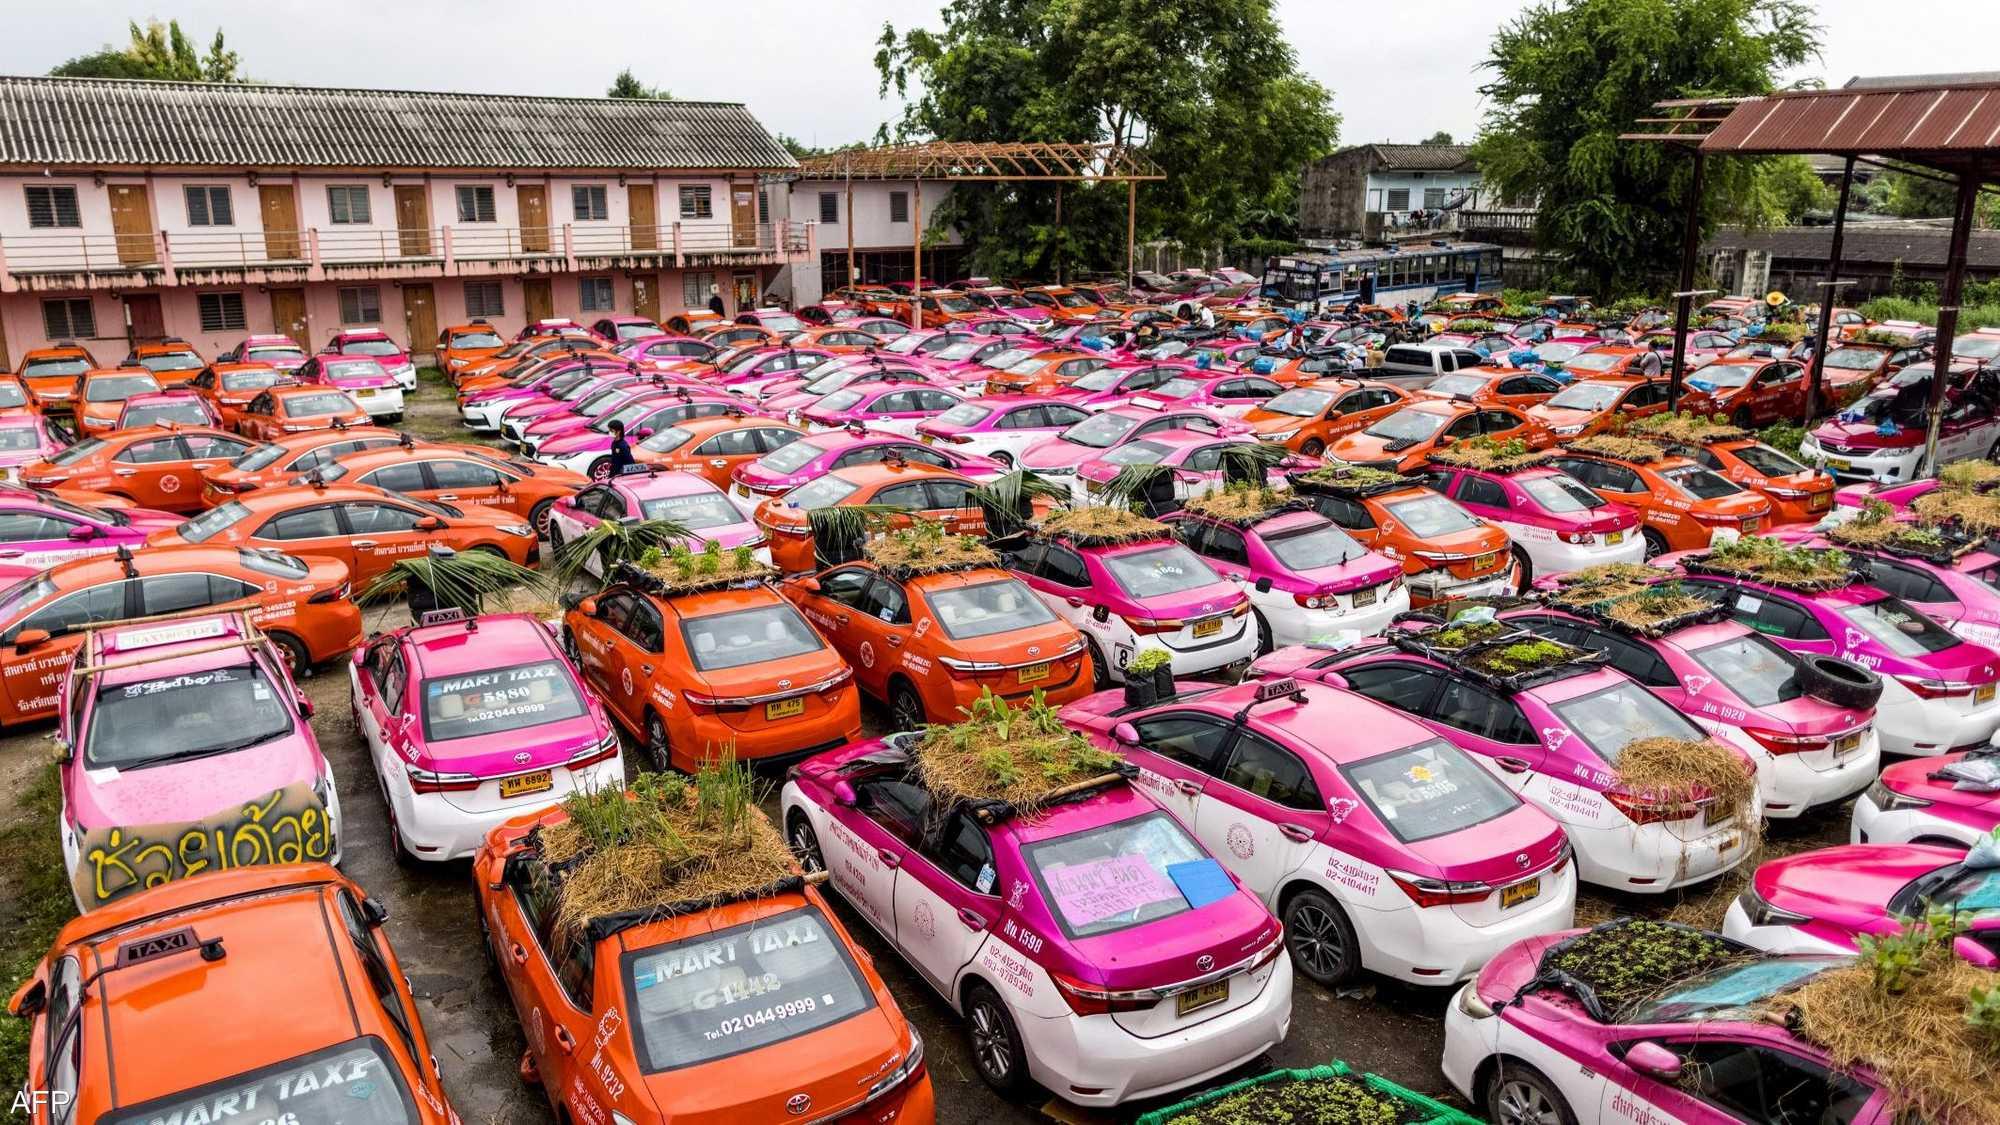 سيارات أجرة خاملة تحول أسقفها لحدائق صغيرة 1-1464304